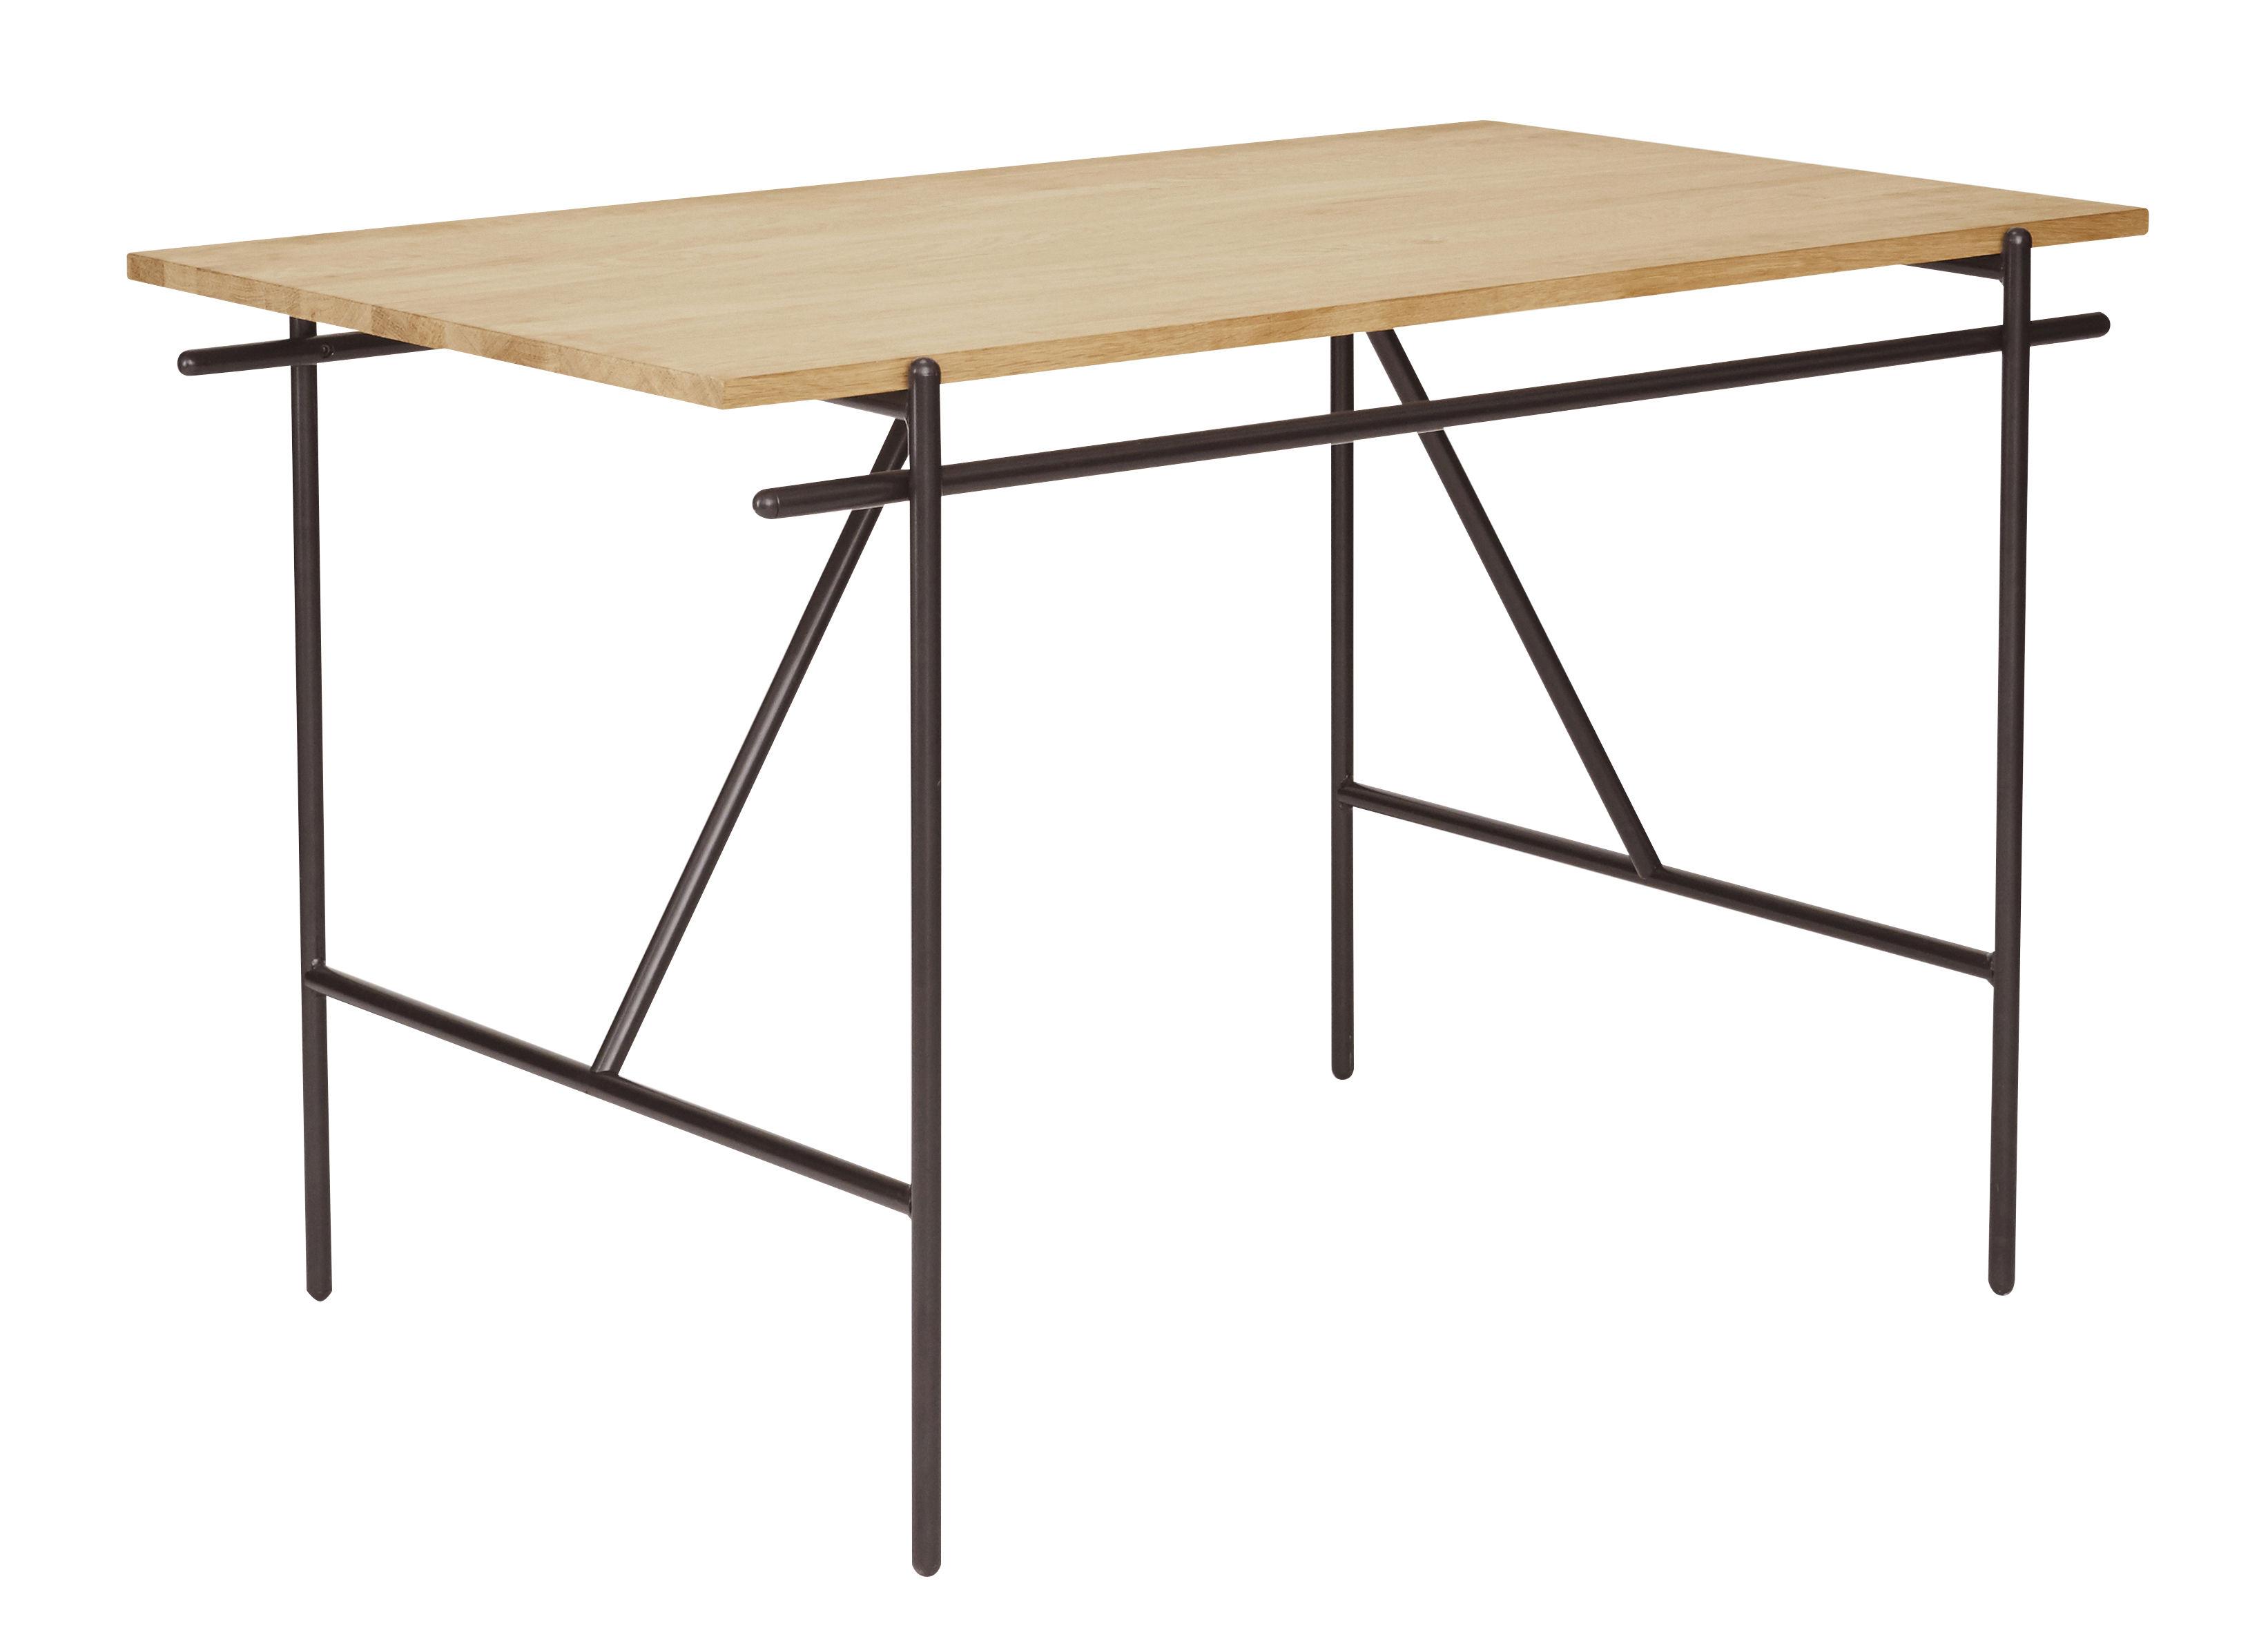 Möbel - Büromöbel - WD-1 Schreibtisch / L 120 cm - Frama  - Eiche & schwarz - Acier laqué époxy, Chêne massif huilé